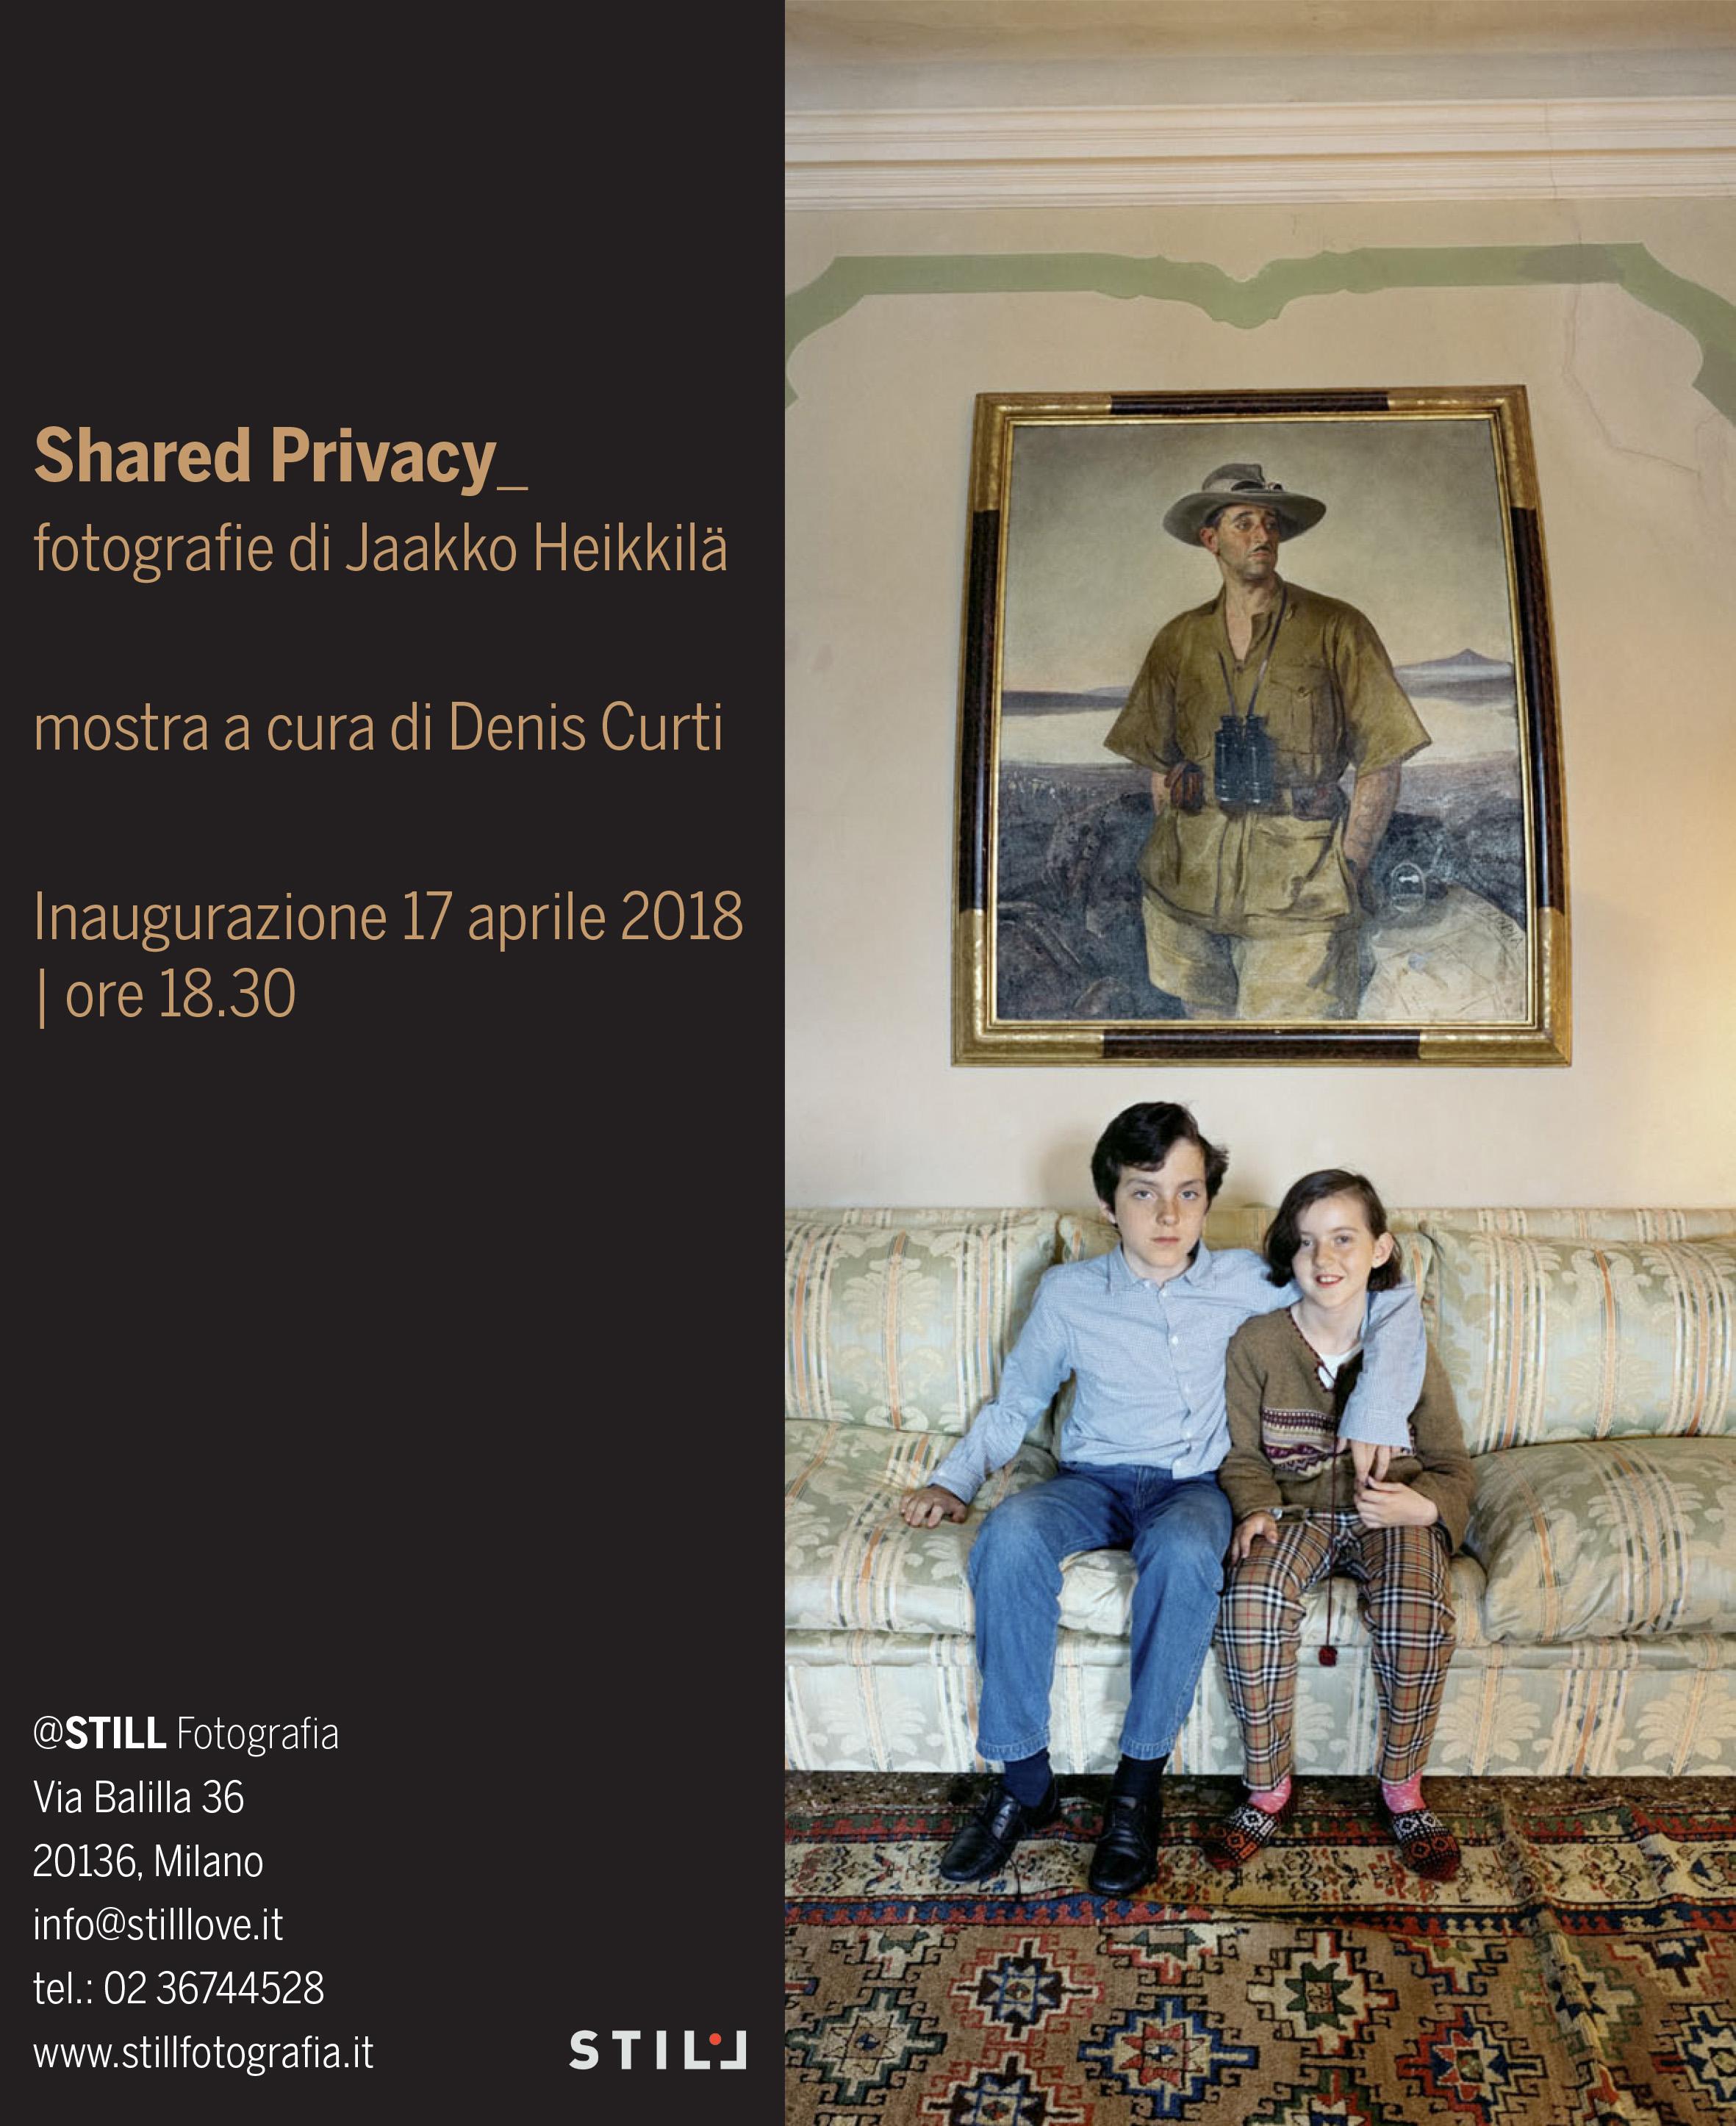 Le fotografie di Jaakko Heikkilä in mostra a Milano | fino al 17.5